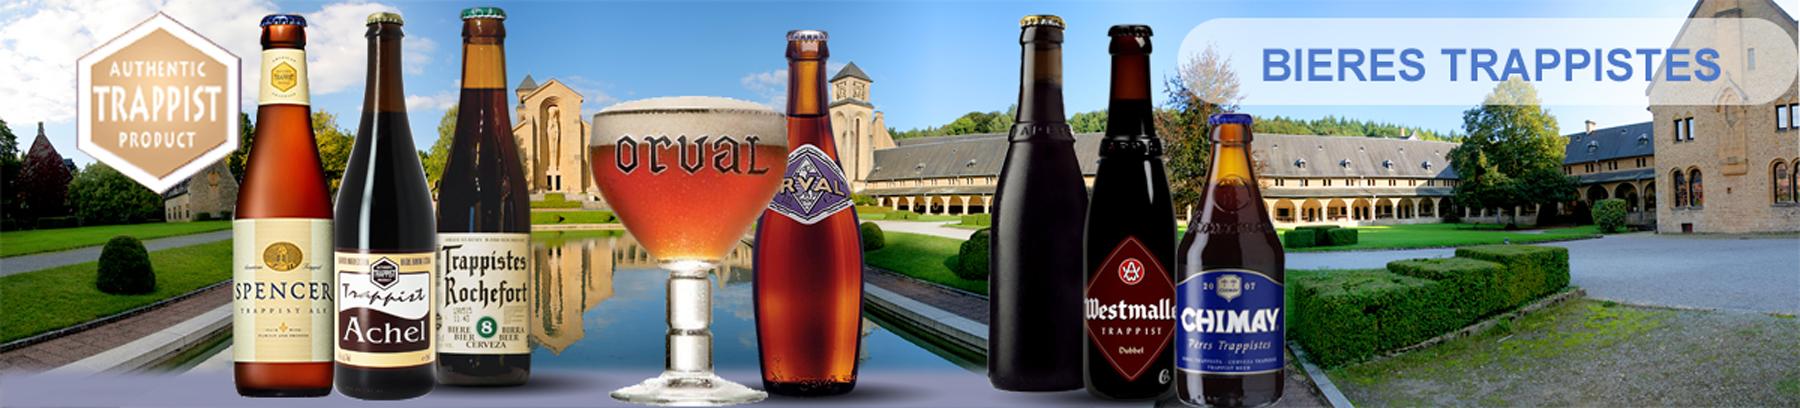 Les Bières Trappistes